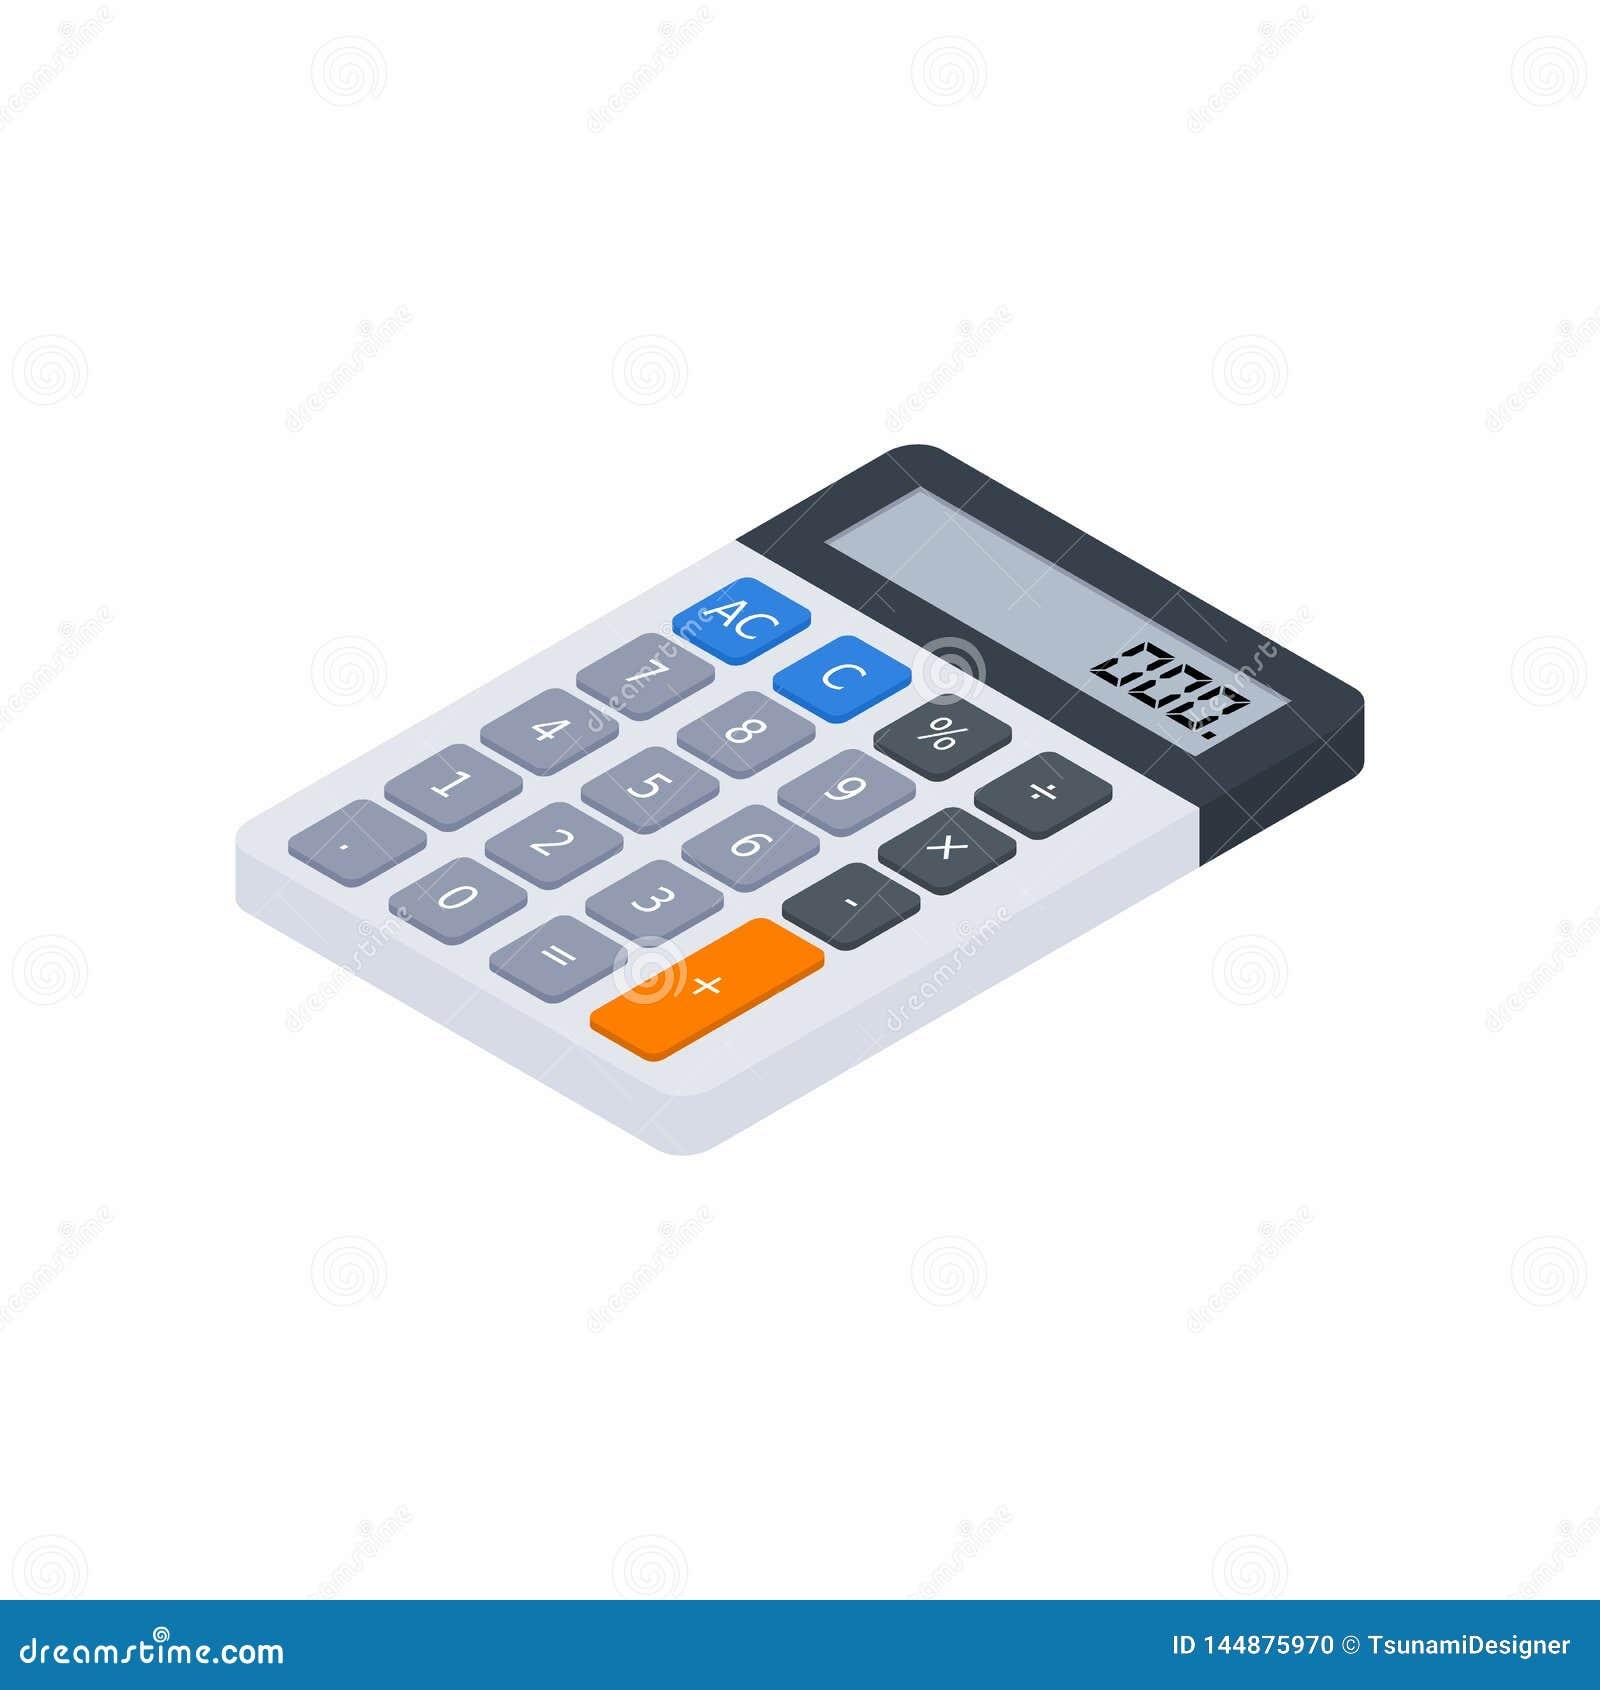 La calculatrice électronique, isométrique, concept calculent des finances de compte, équipement de bureau, finances, affaires,